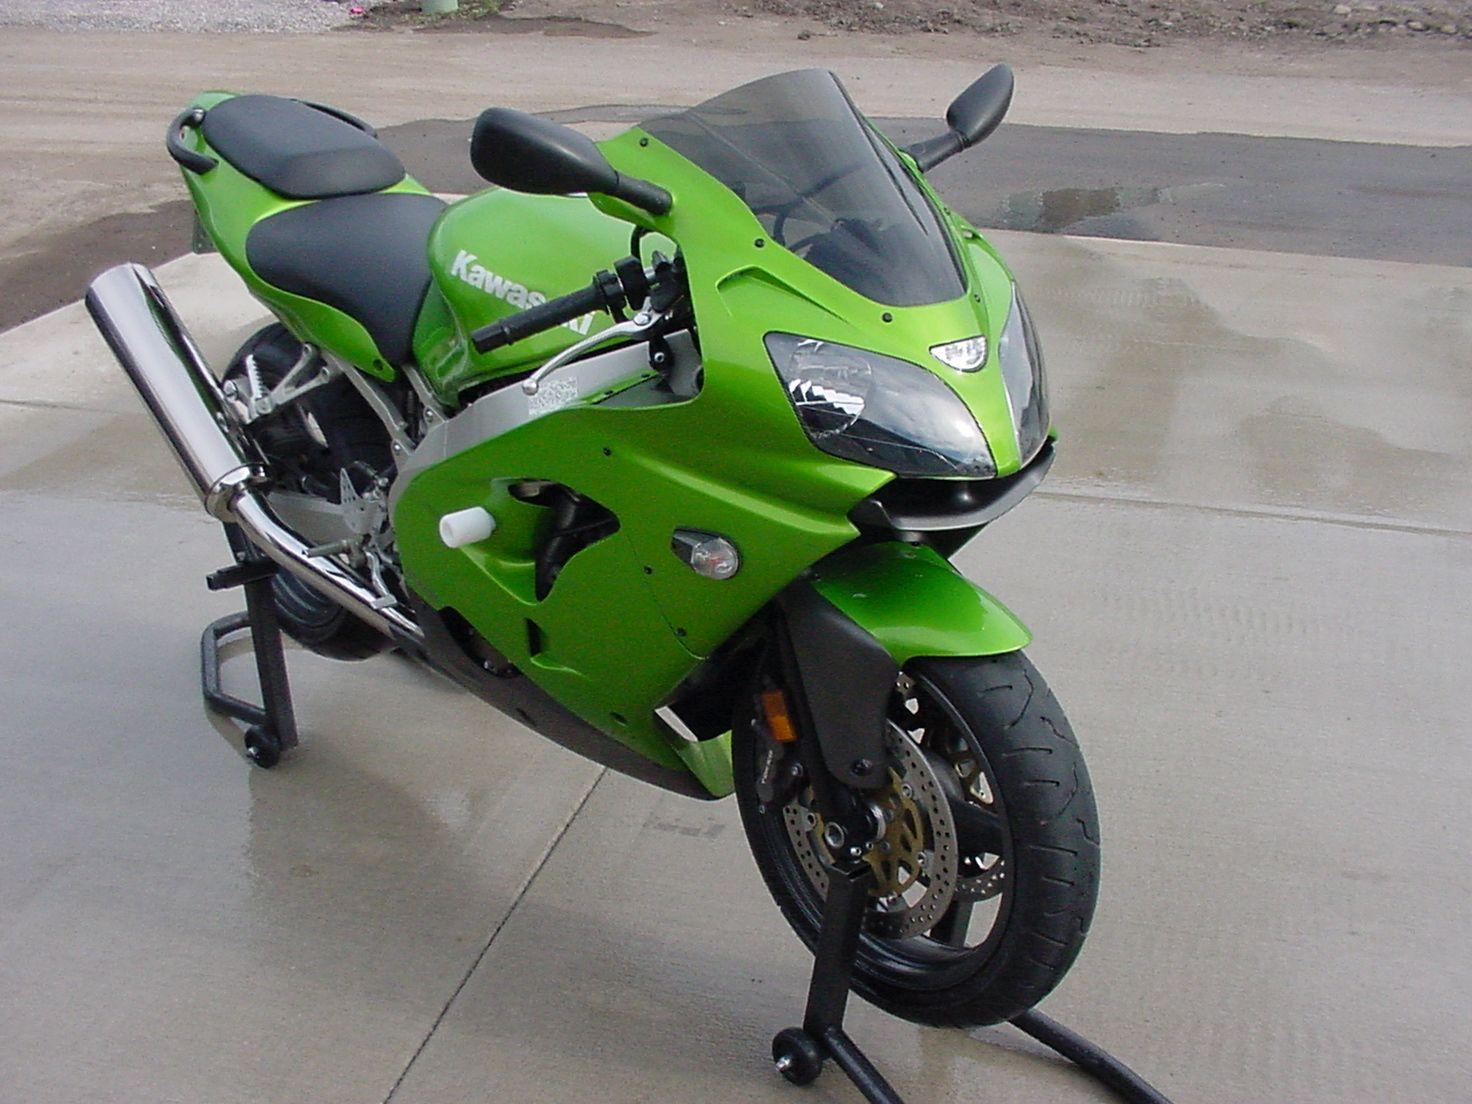 Kawasaki ZX9r - http://www.biketrade.co.uk/kawasaki